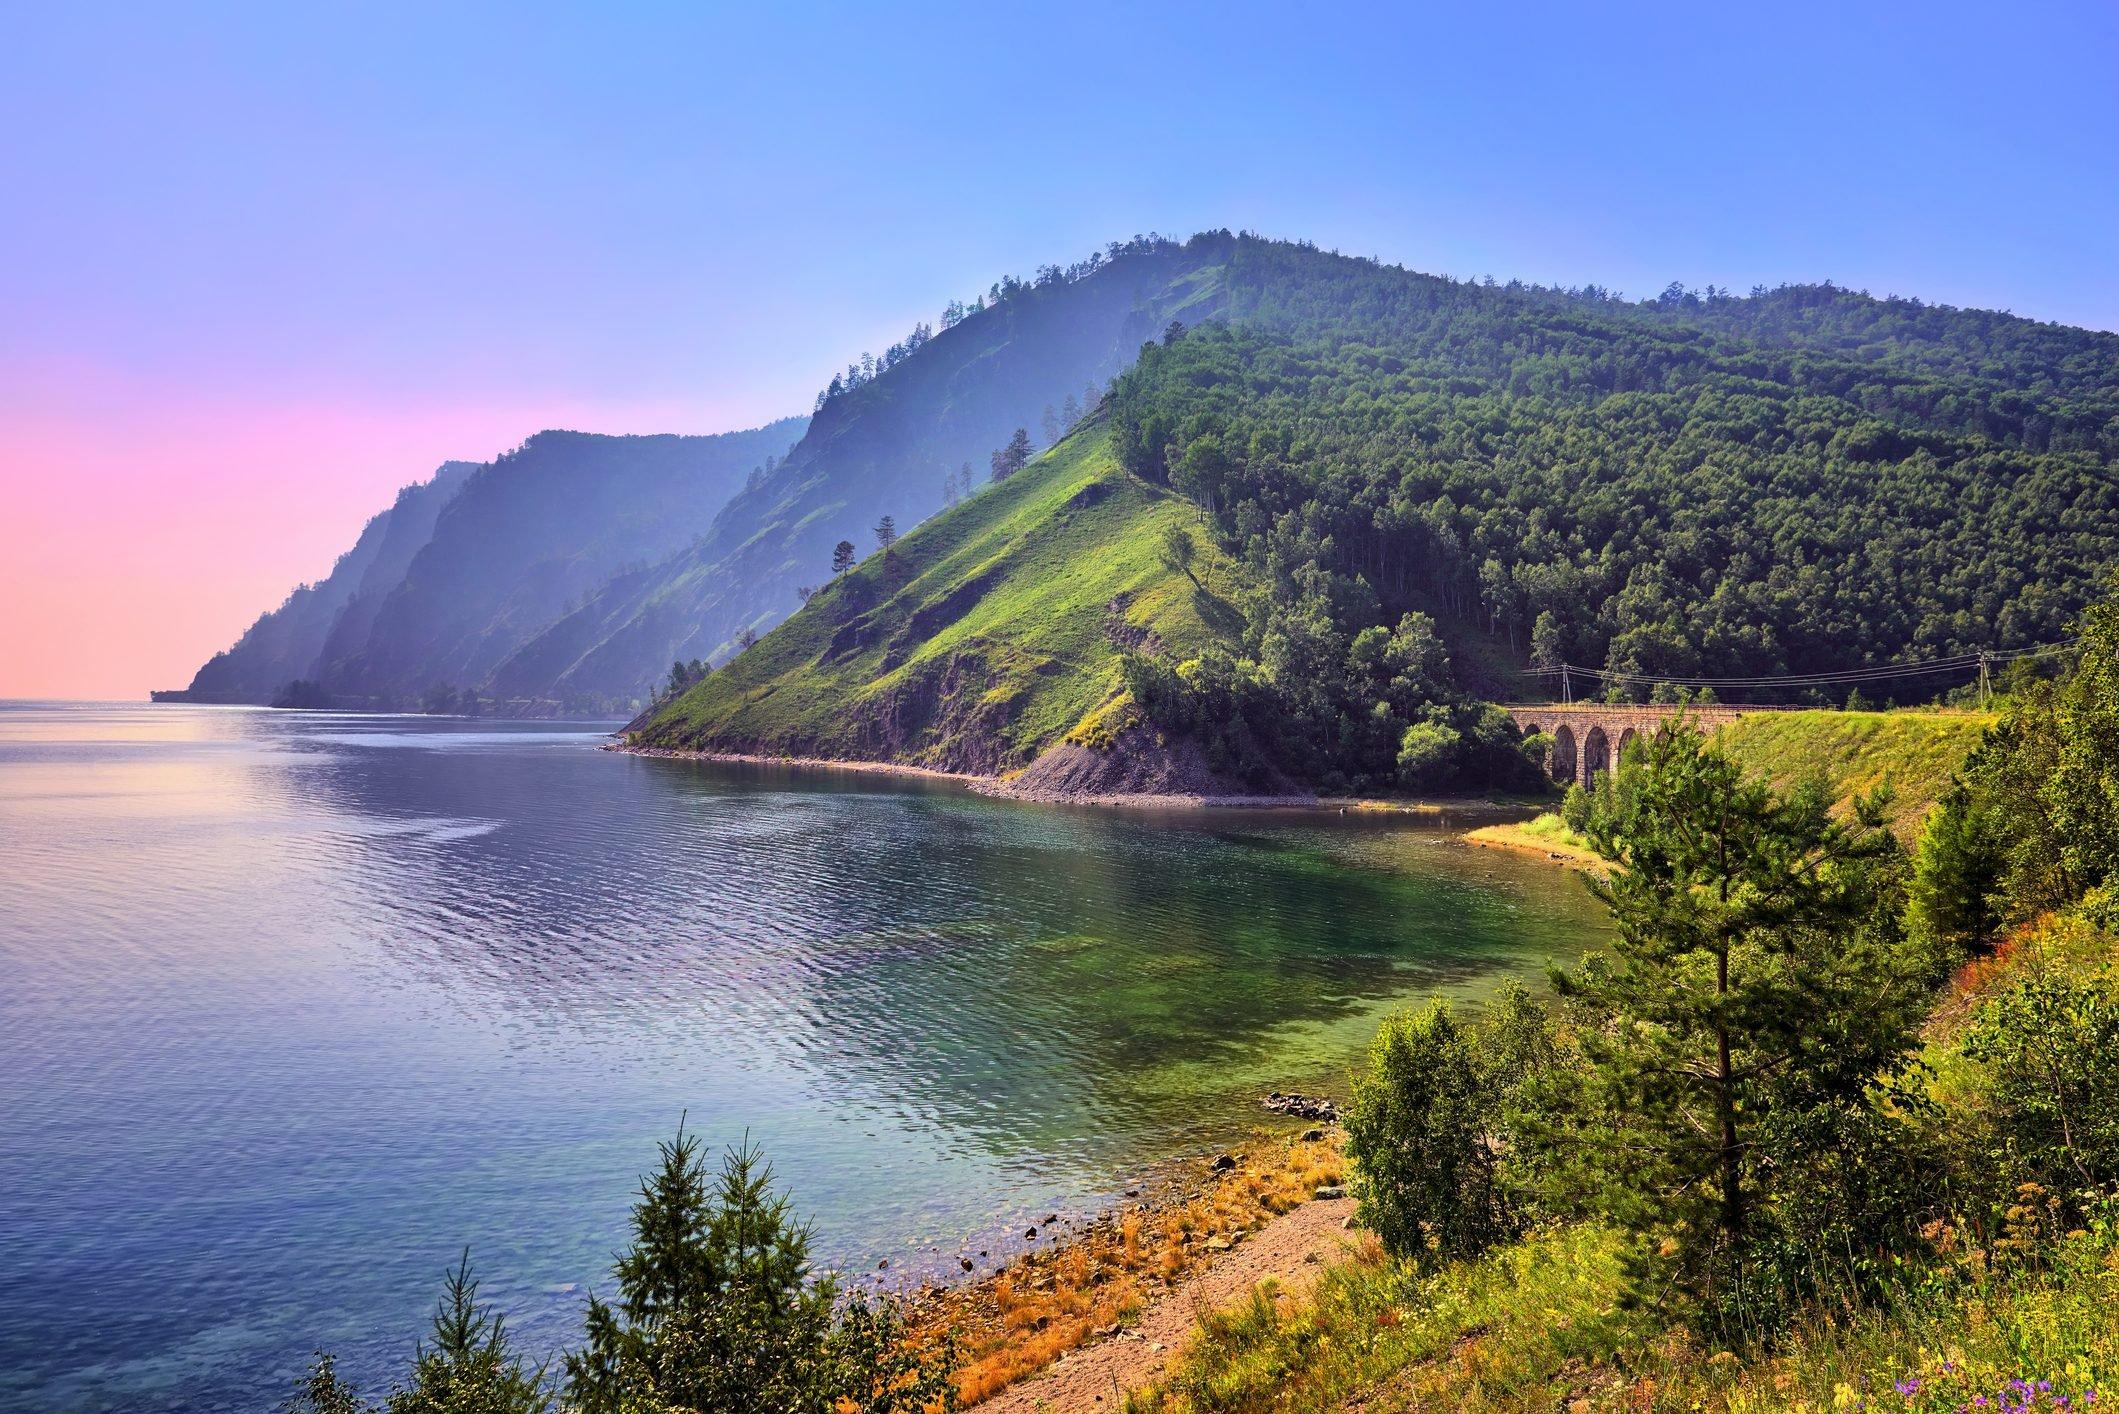 Baikal landscape with an old railway bridge